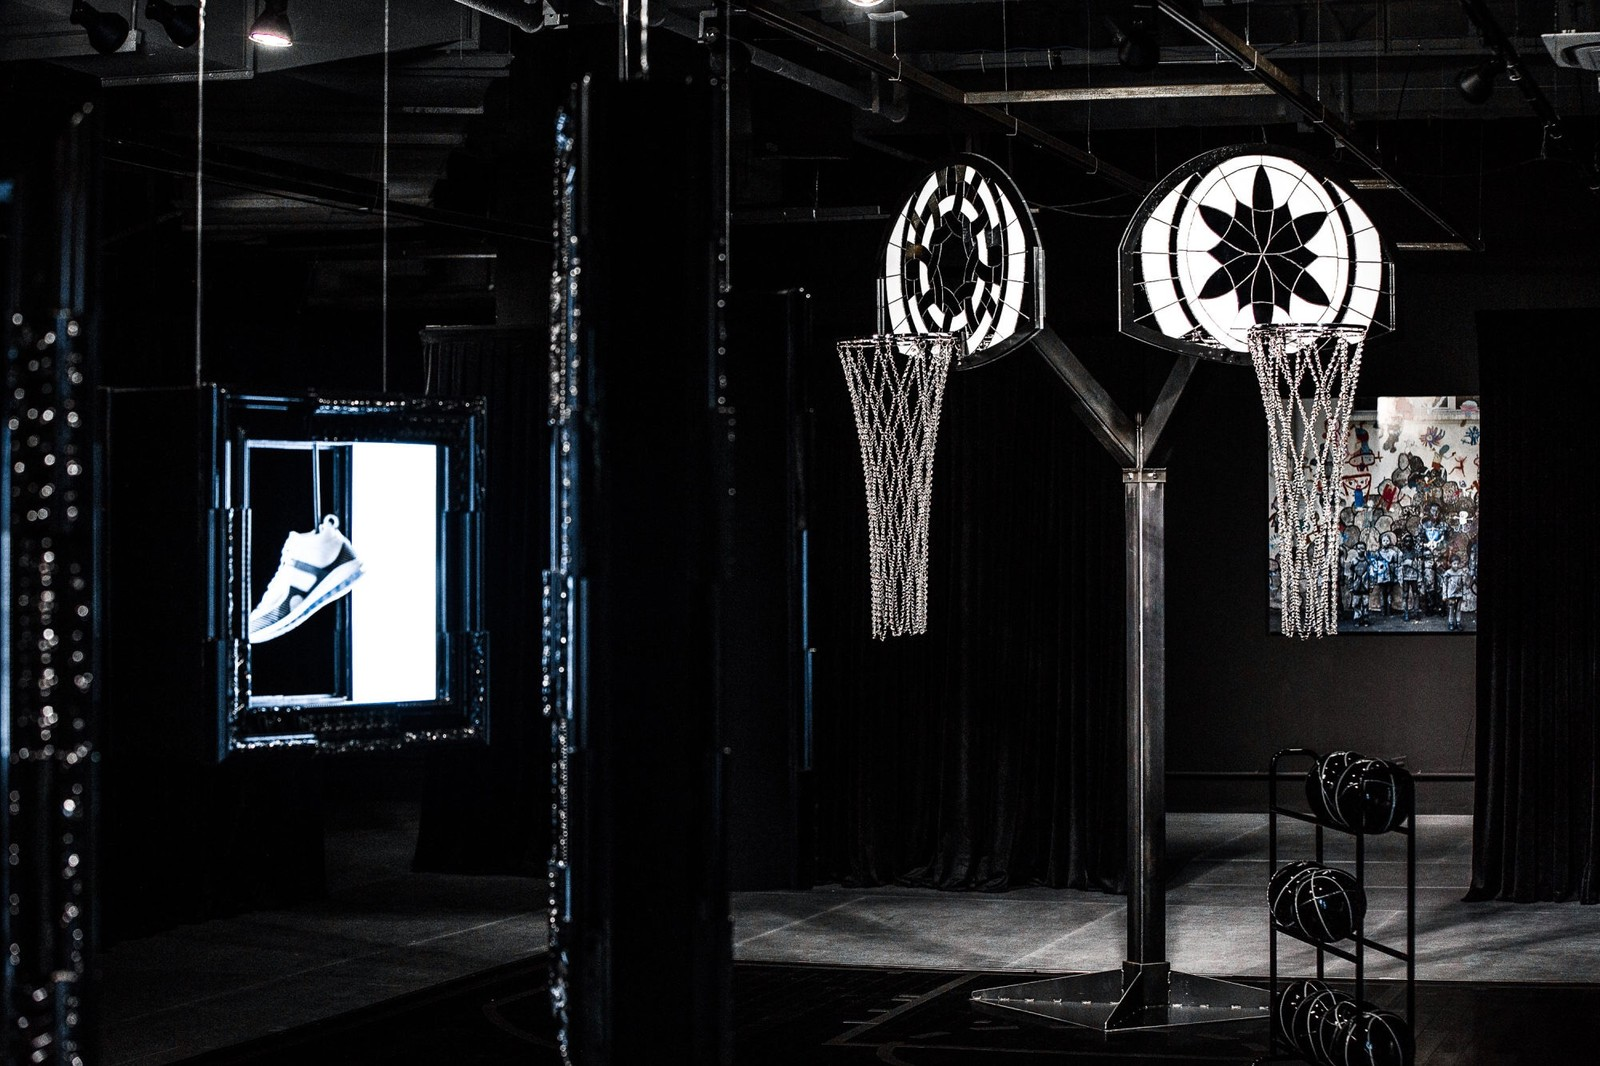 專訪 LeBron James 及時尚設計師 John Elliott: 我們尊重彼此所代表的不同世界